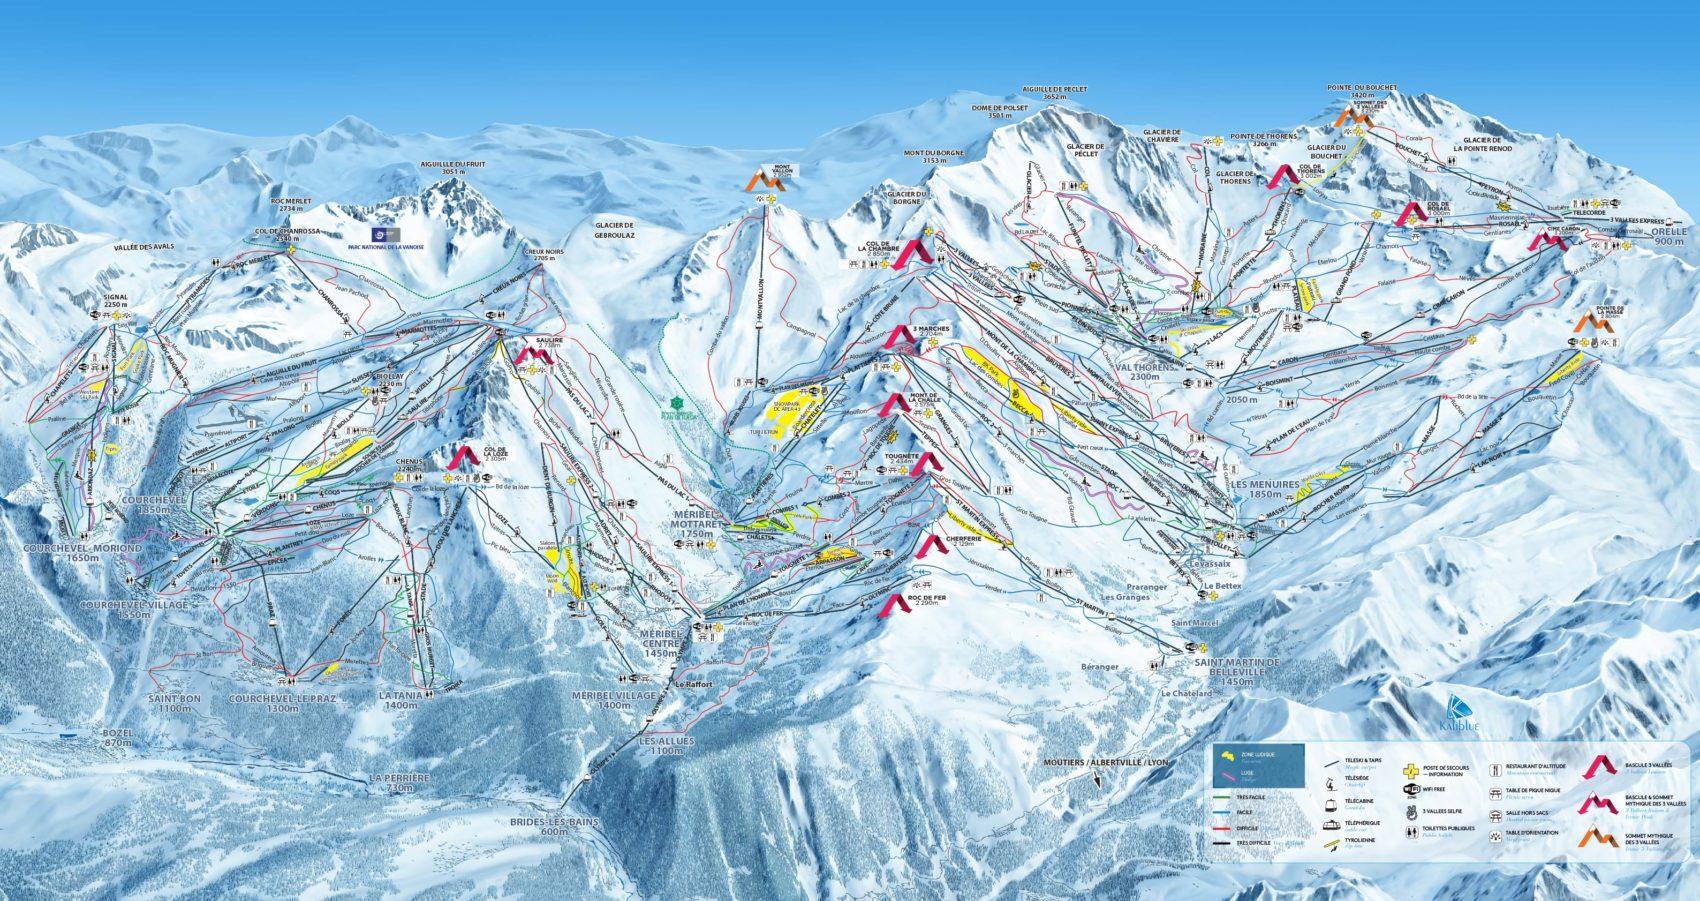 Biggest ski area in the world